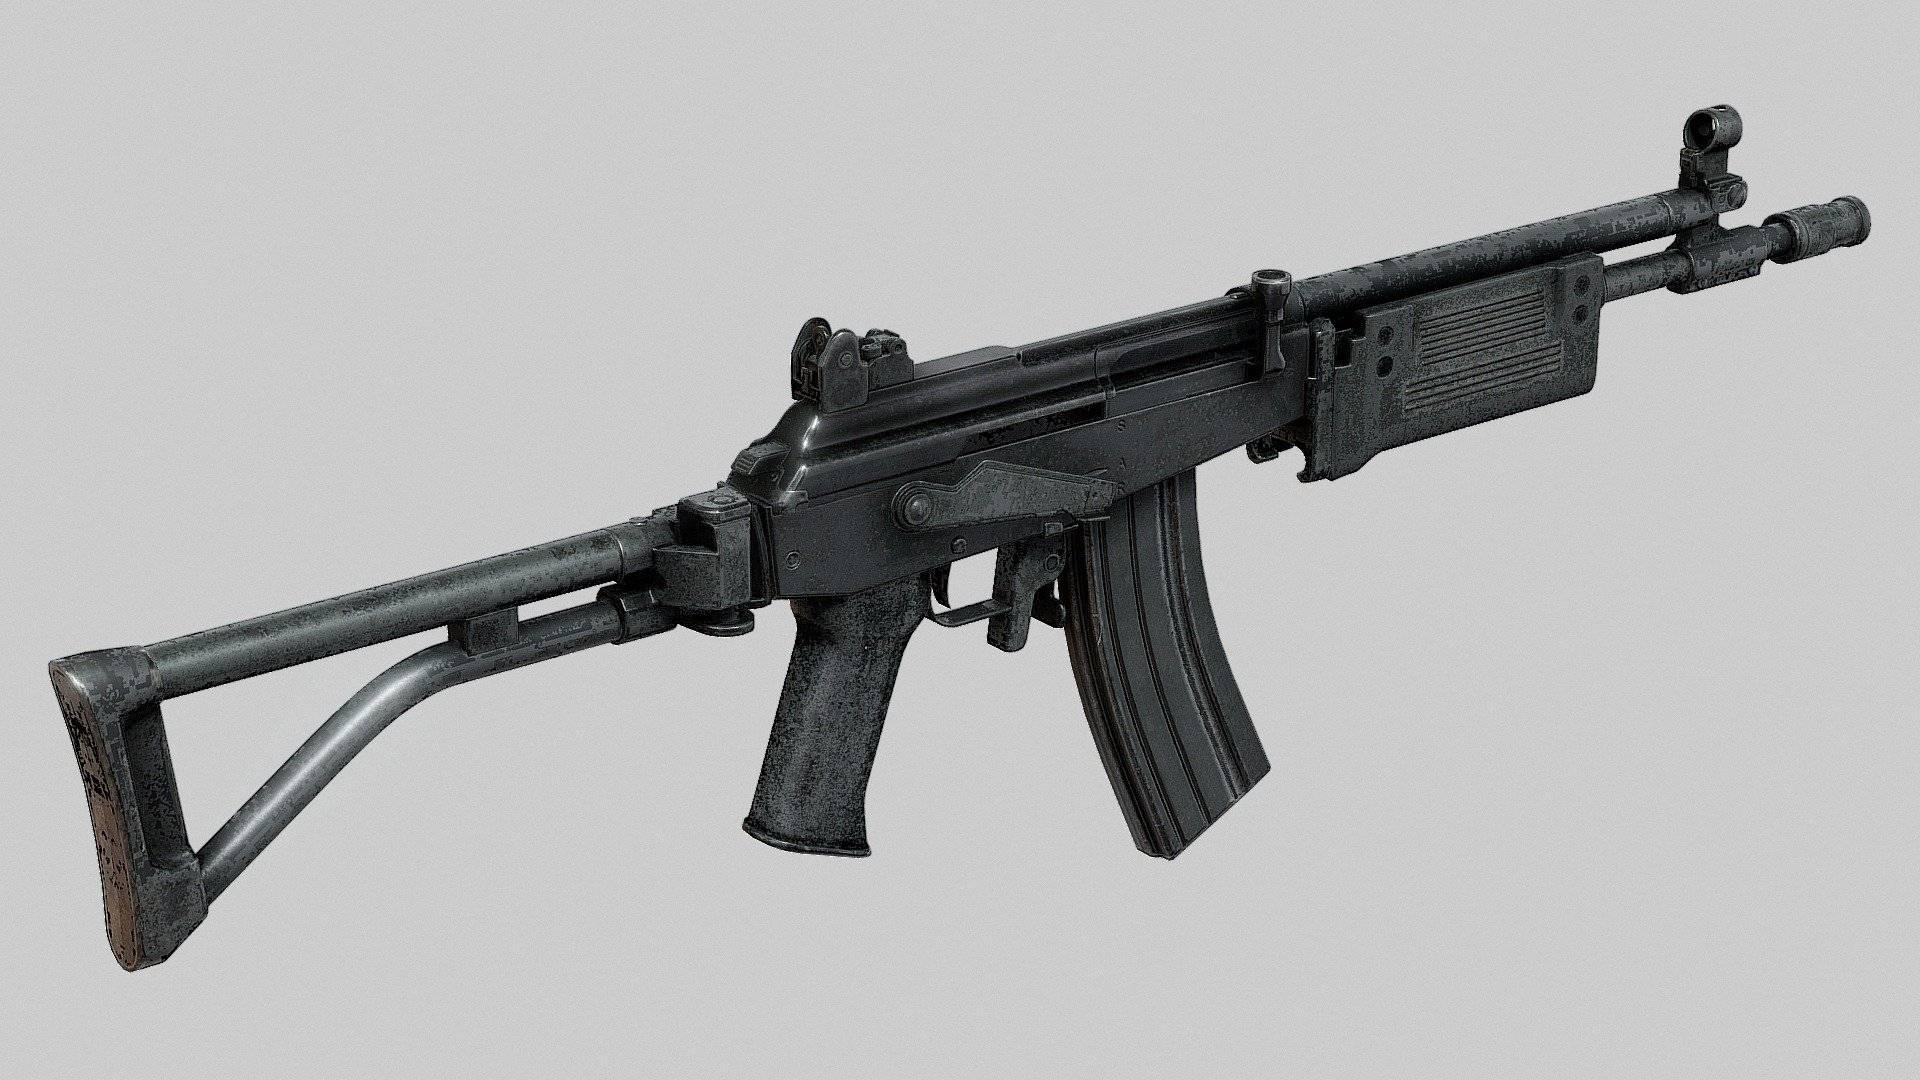 Галиль (штурмовая винтовка) википедия